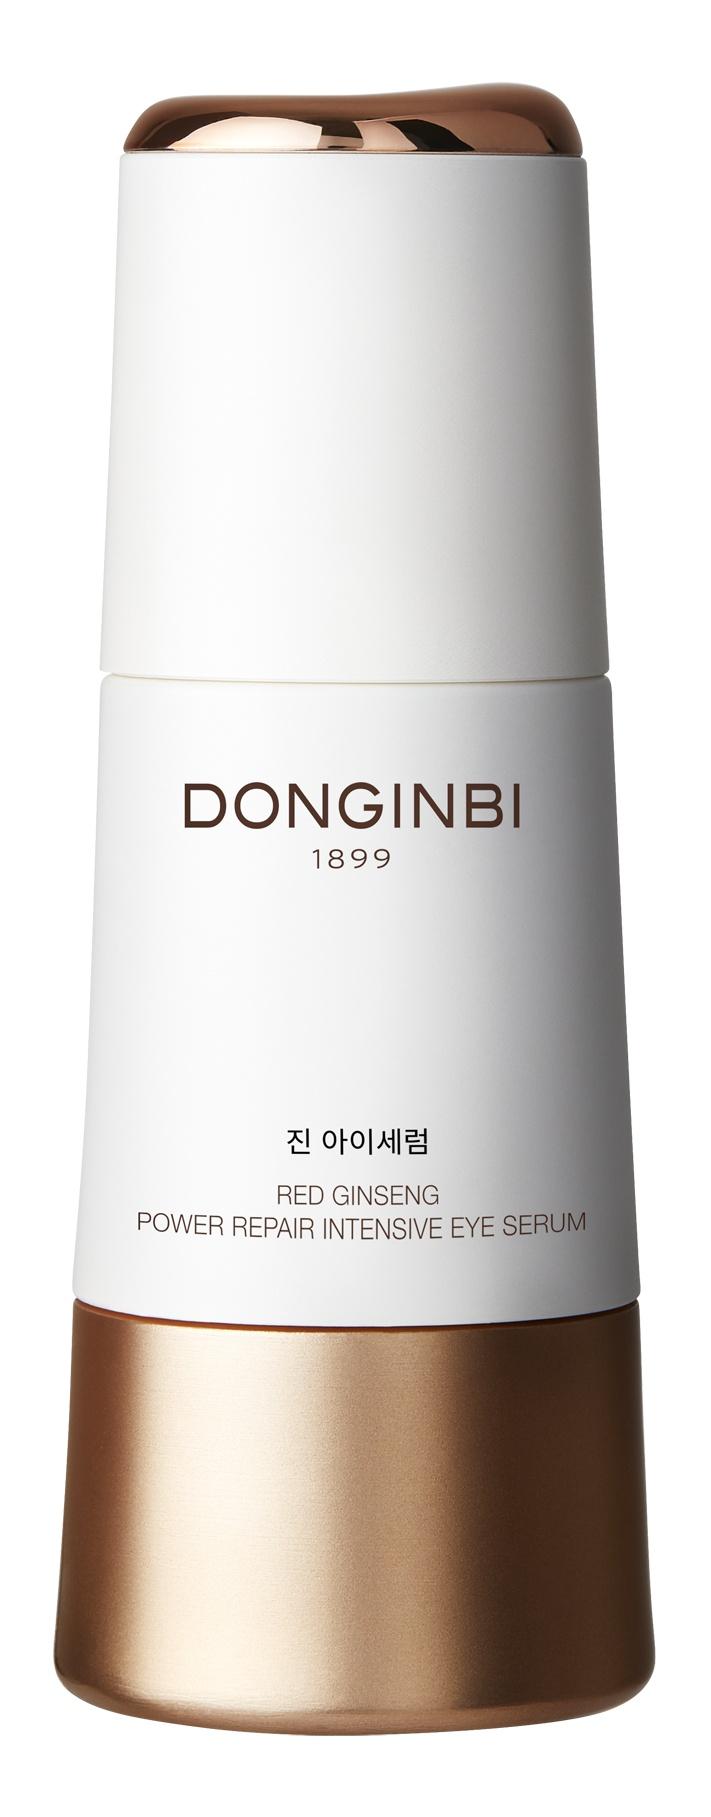 Donginbi Red Ginseng Power Repair Intensive Eye Serum